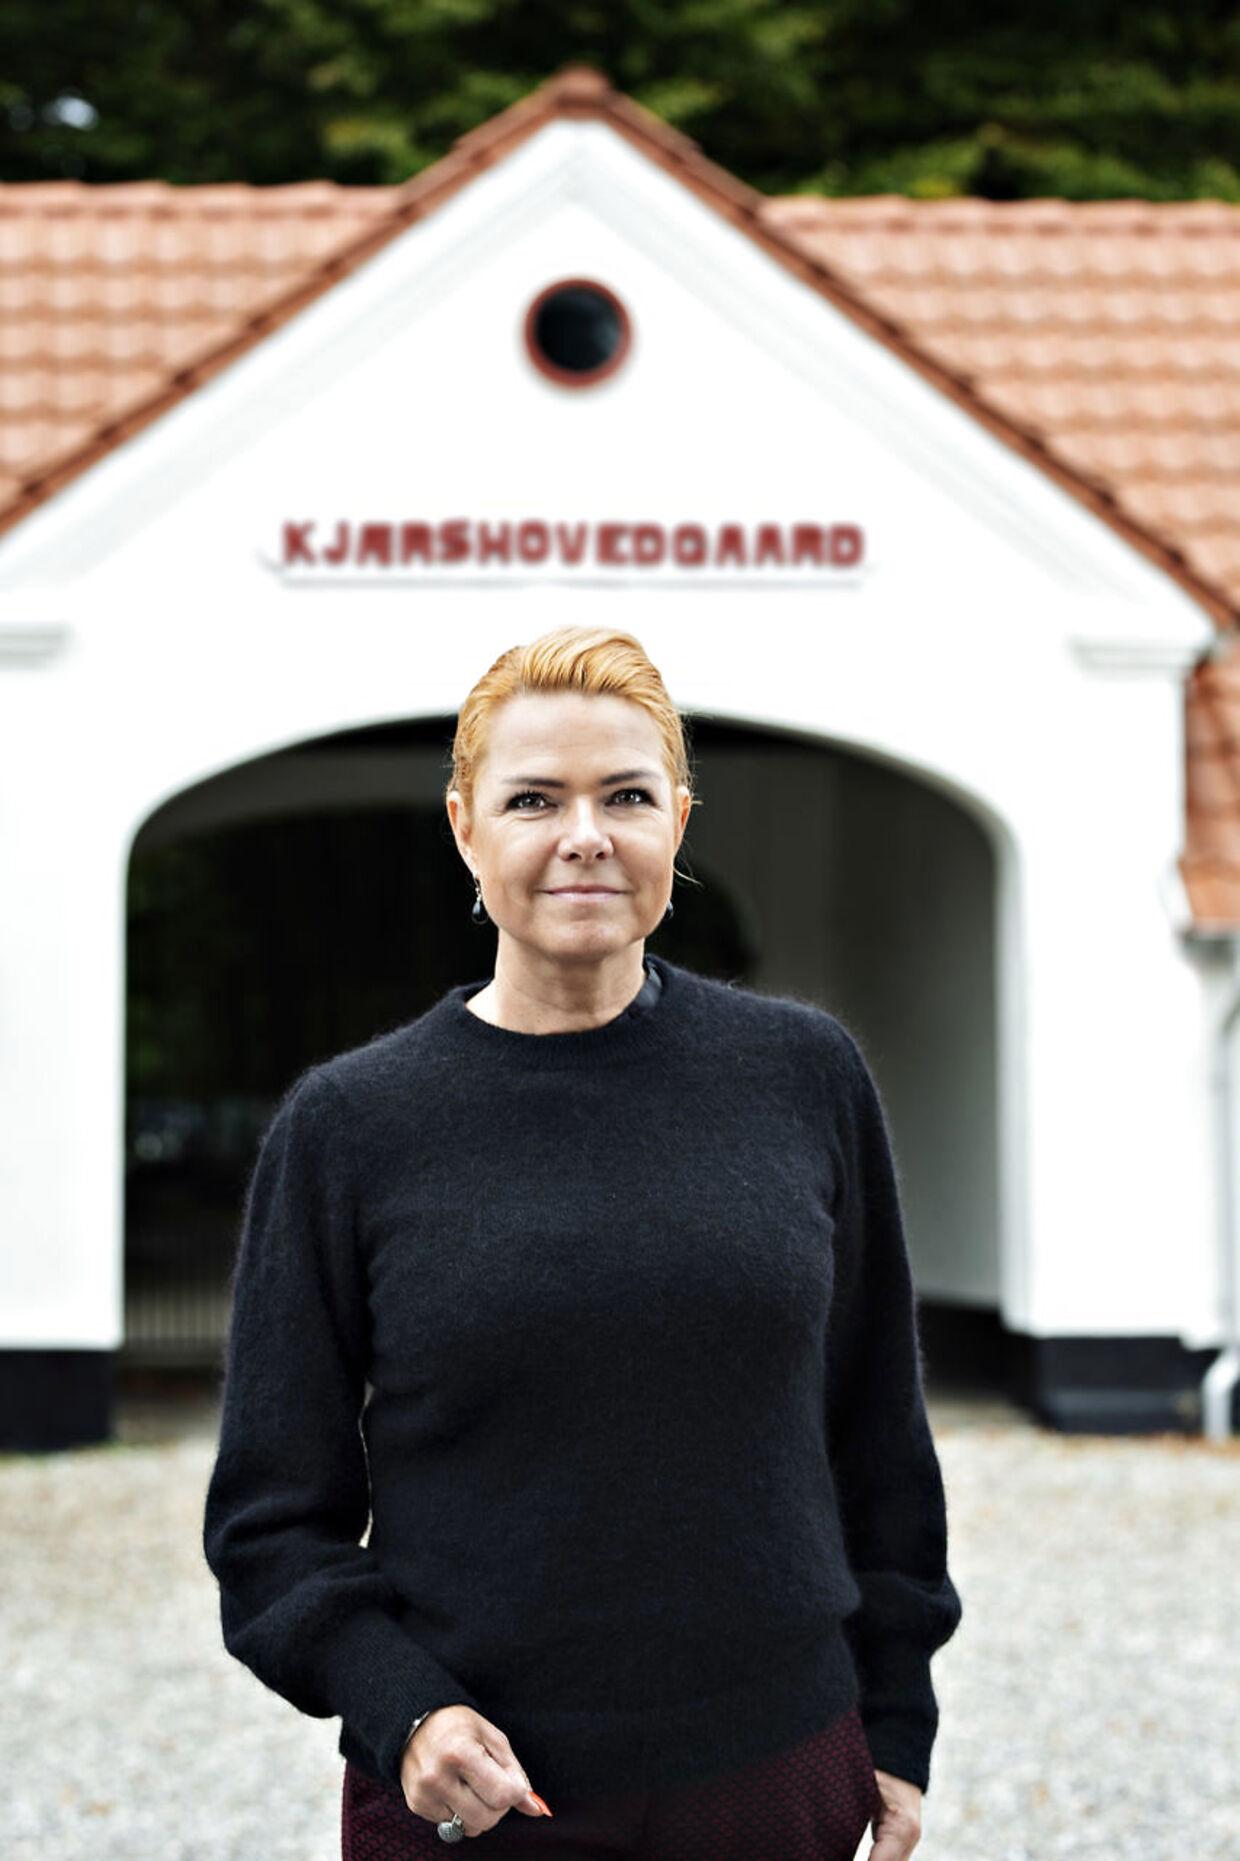 Udlændinge- og integrationsminister Inger Støjberg (V) foran Udrejsecenter Kærshovedgård.